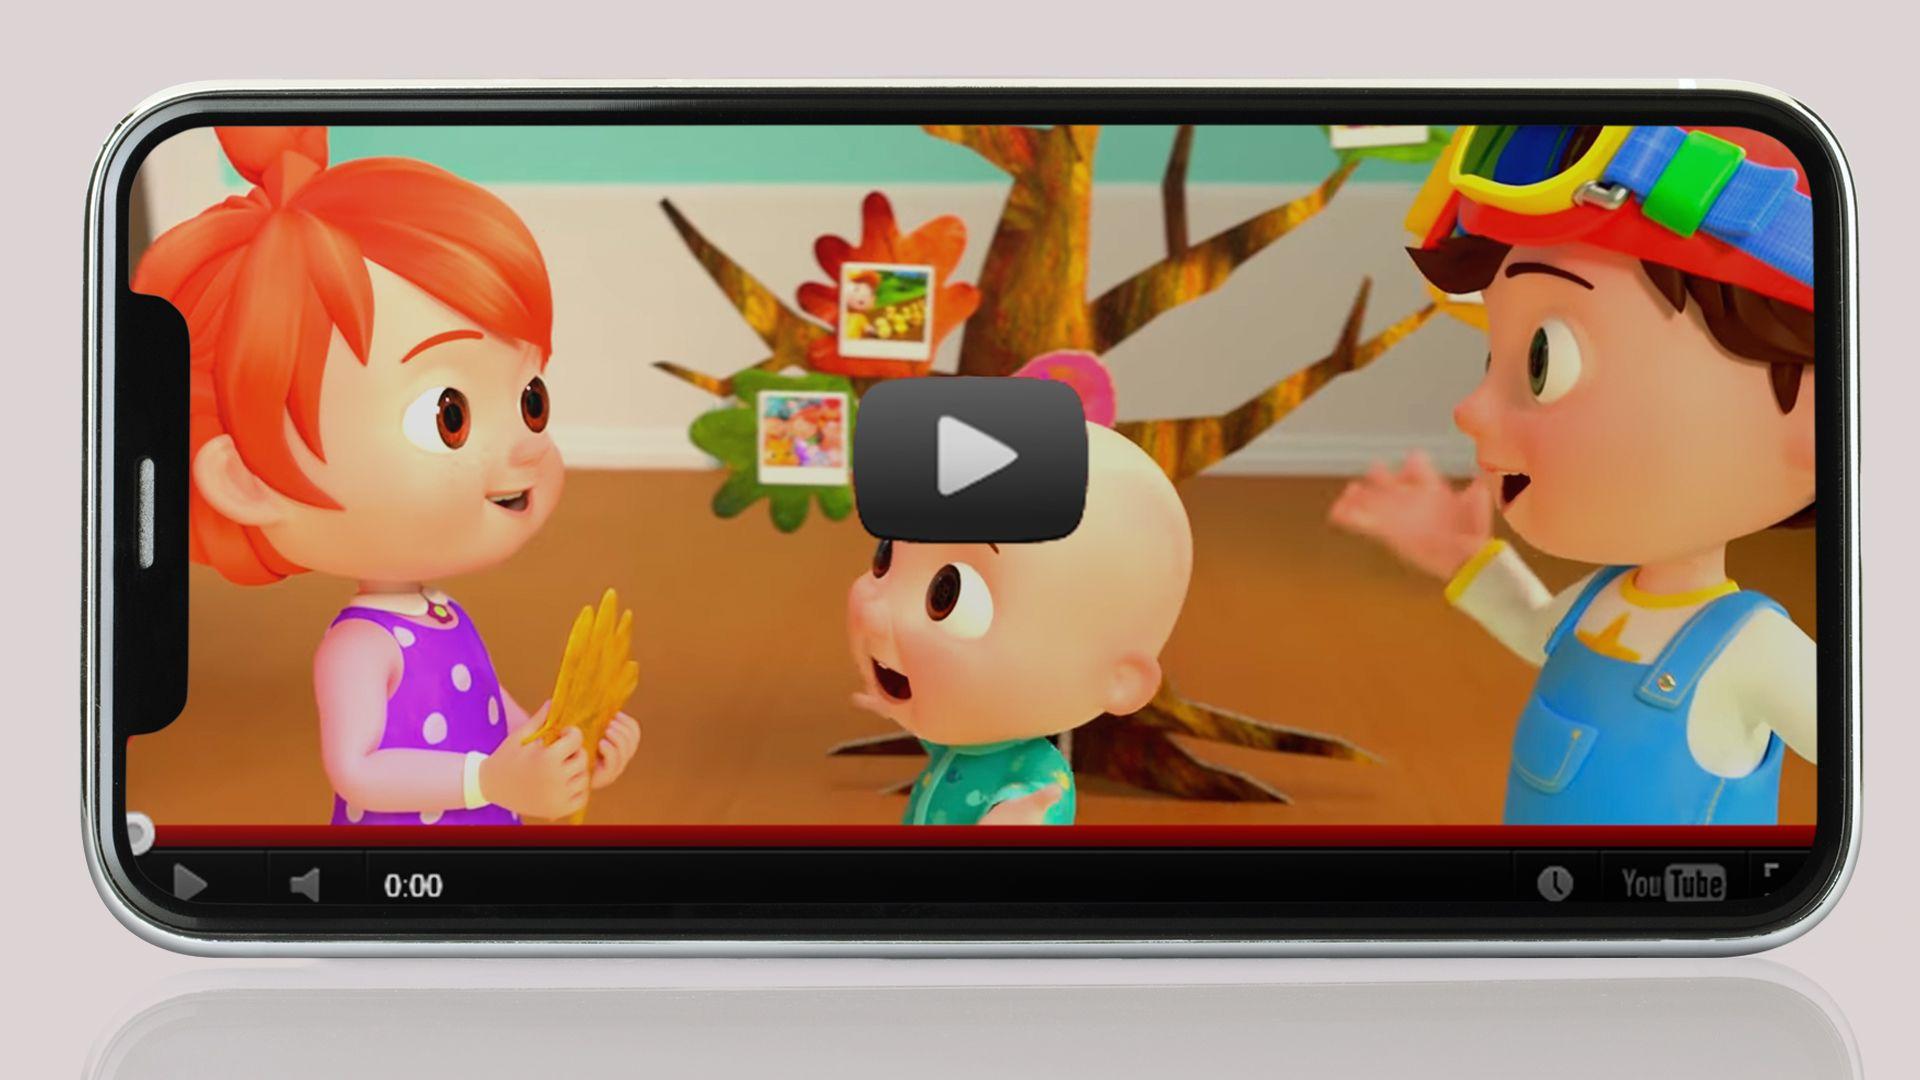 4toon Cartoon Videos Rhymes Kids App Kids App Cartoon Gifs Rhymes